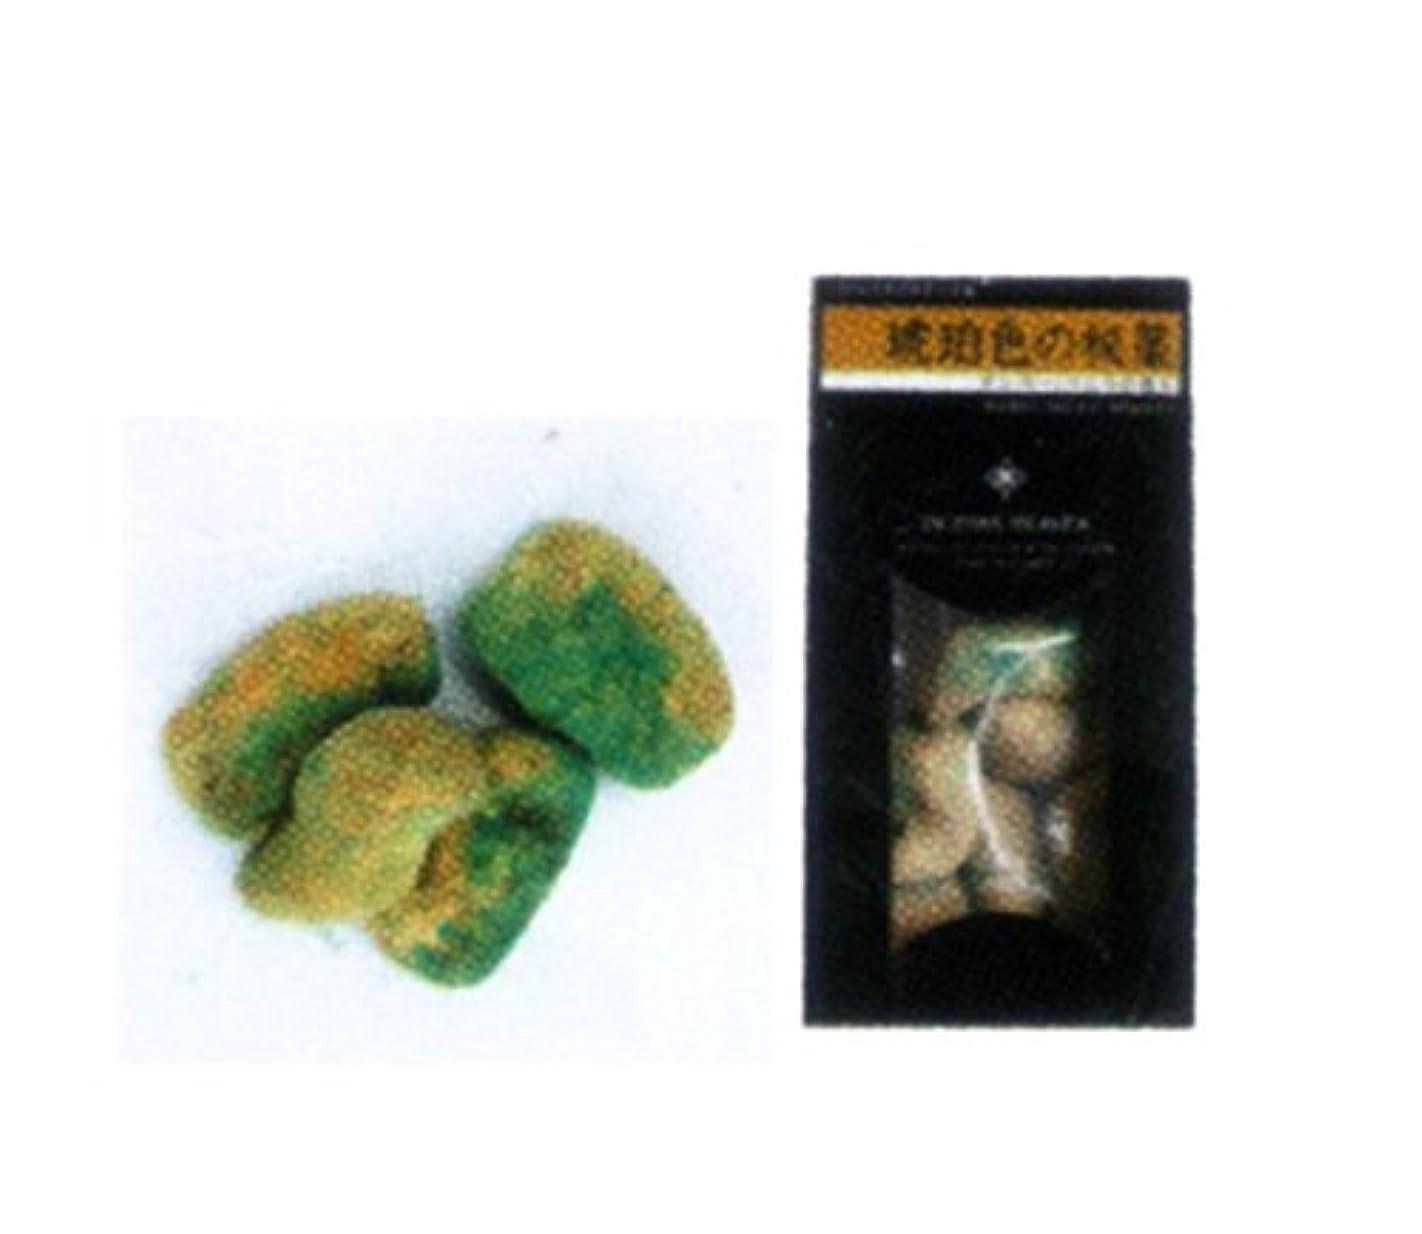 本能フロントシーケンスインセンスヘブン(100%天然手作りのお香) 琥珀色の秘薬